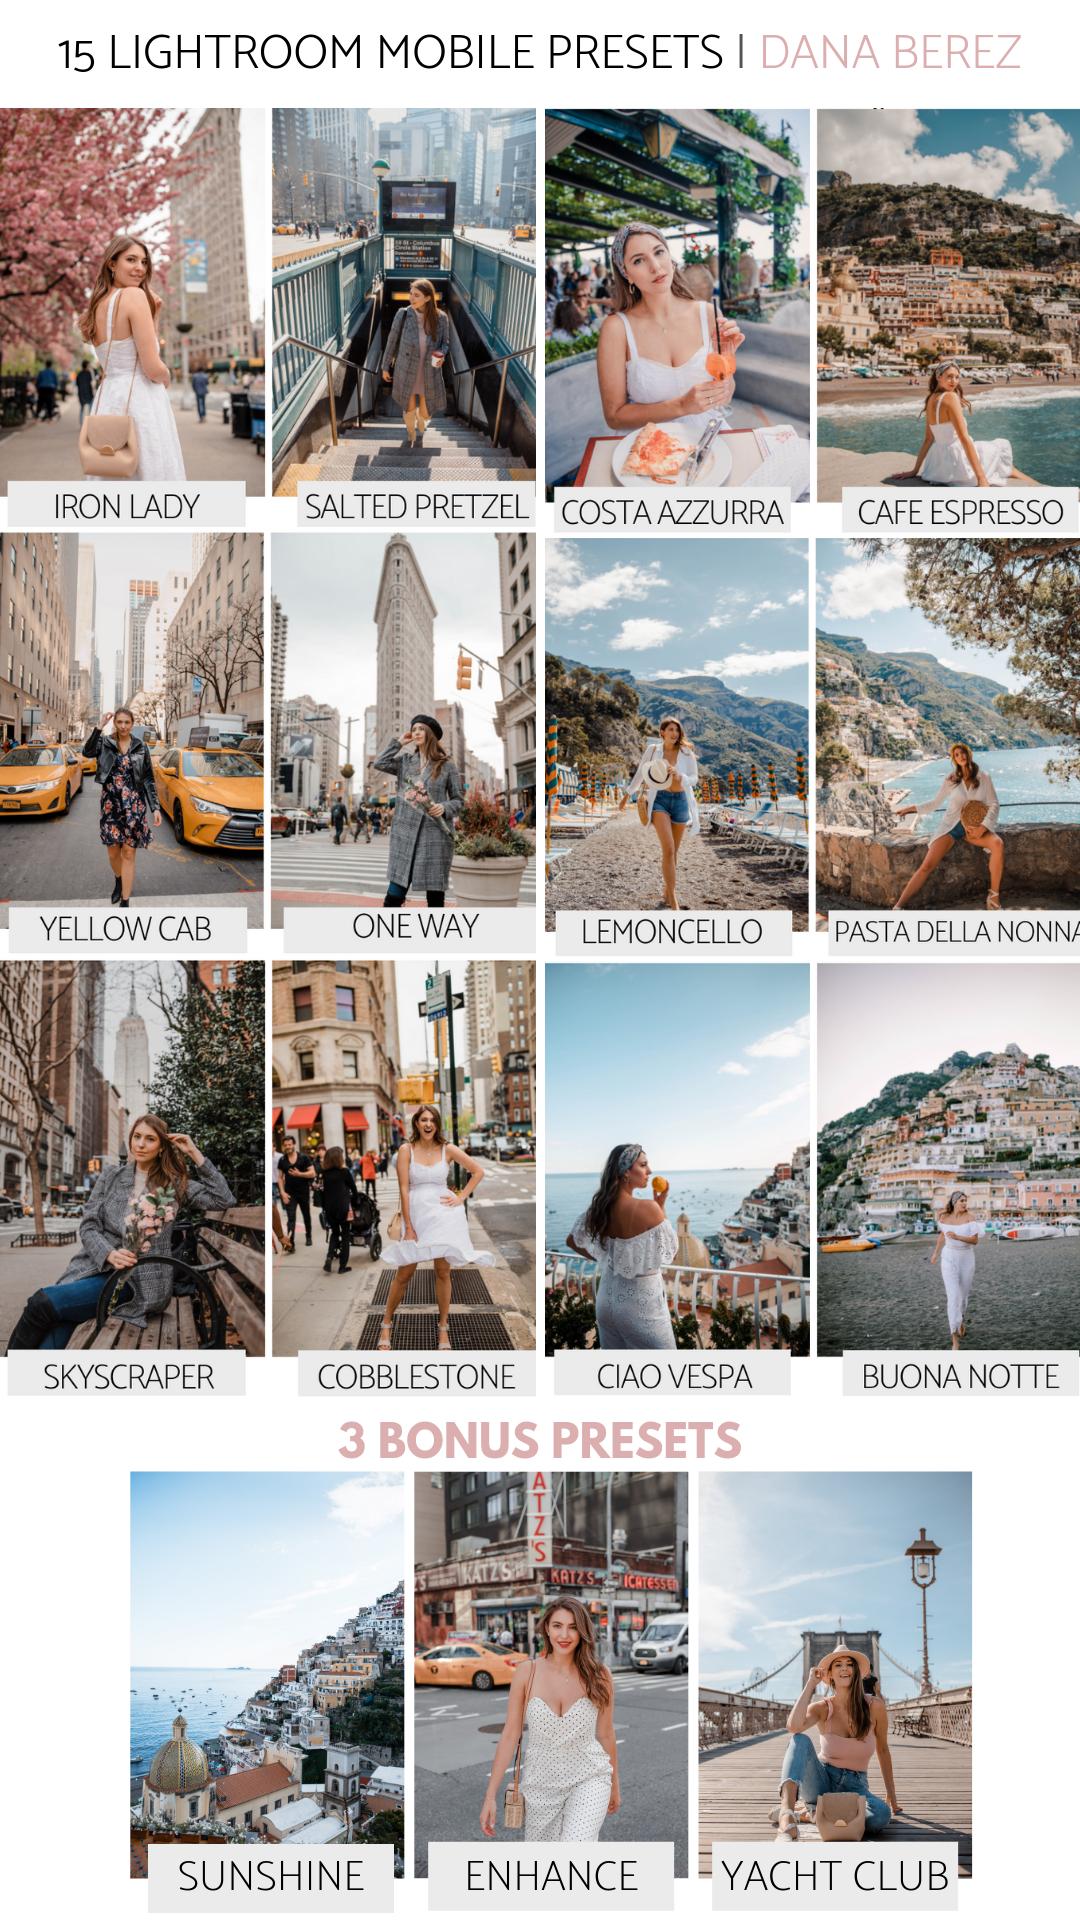 best instagram presets for lightroom free